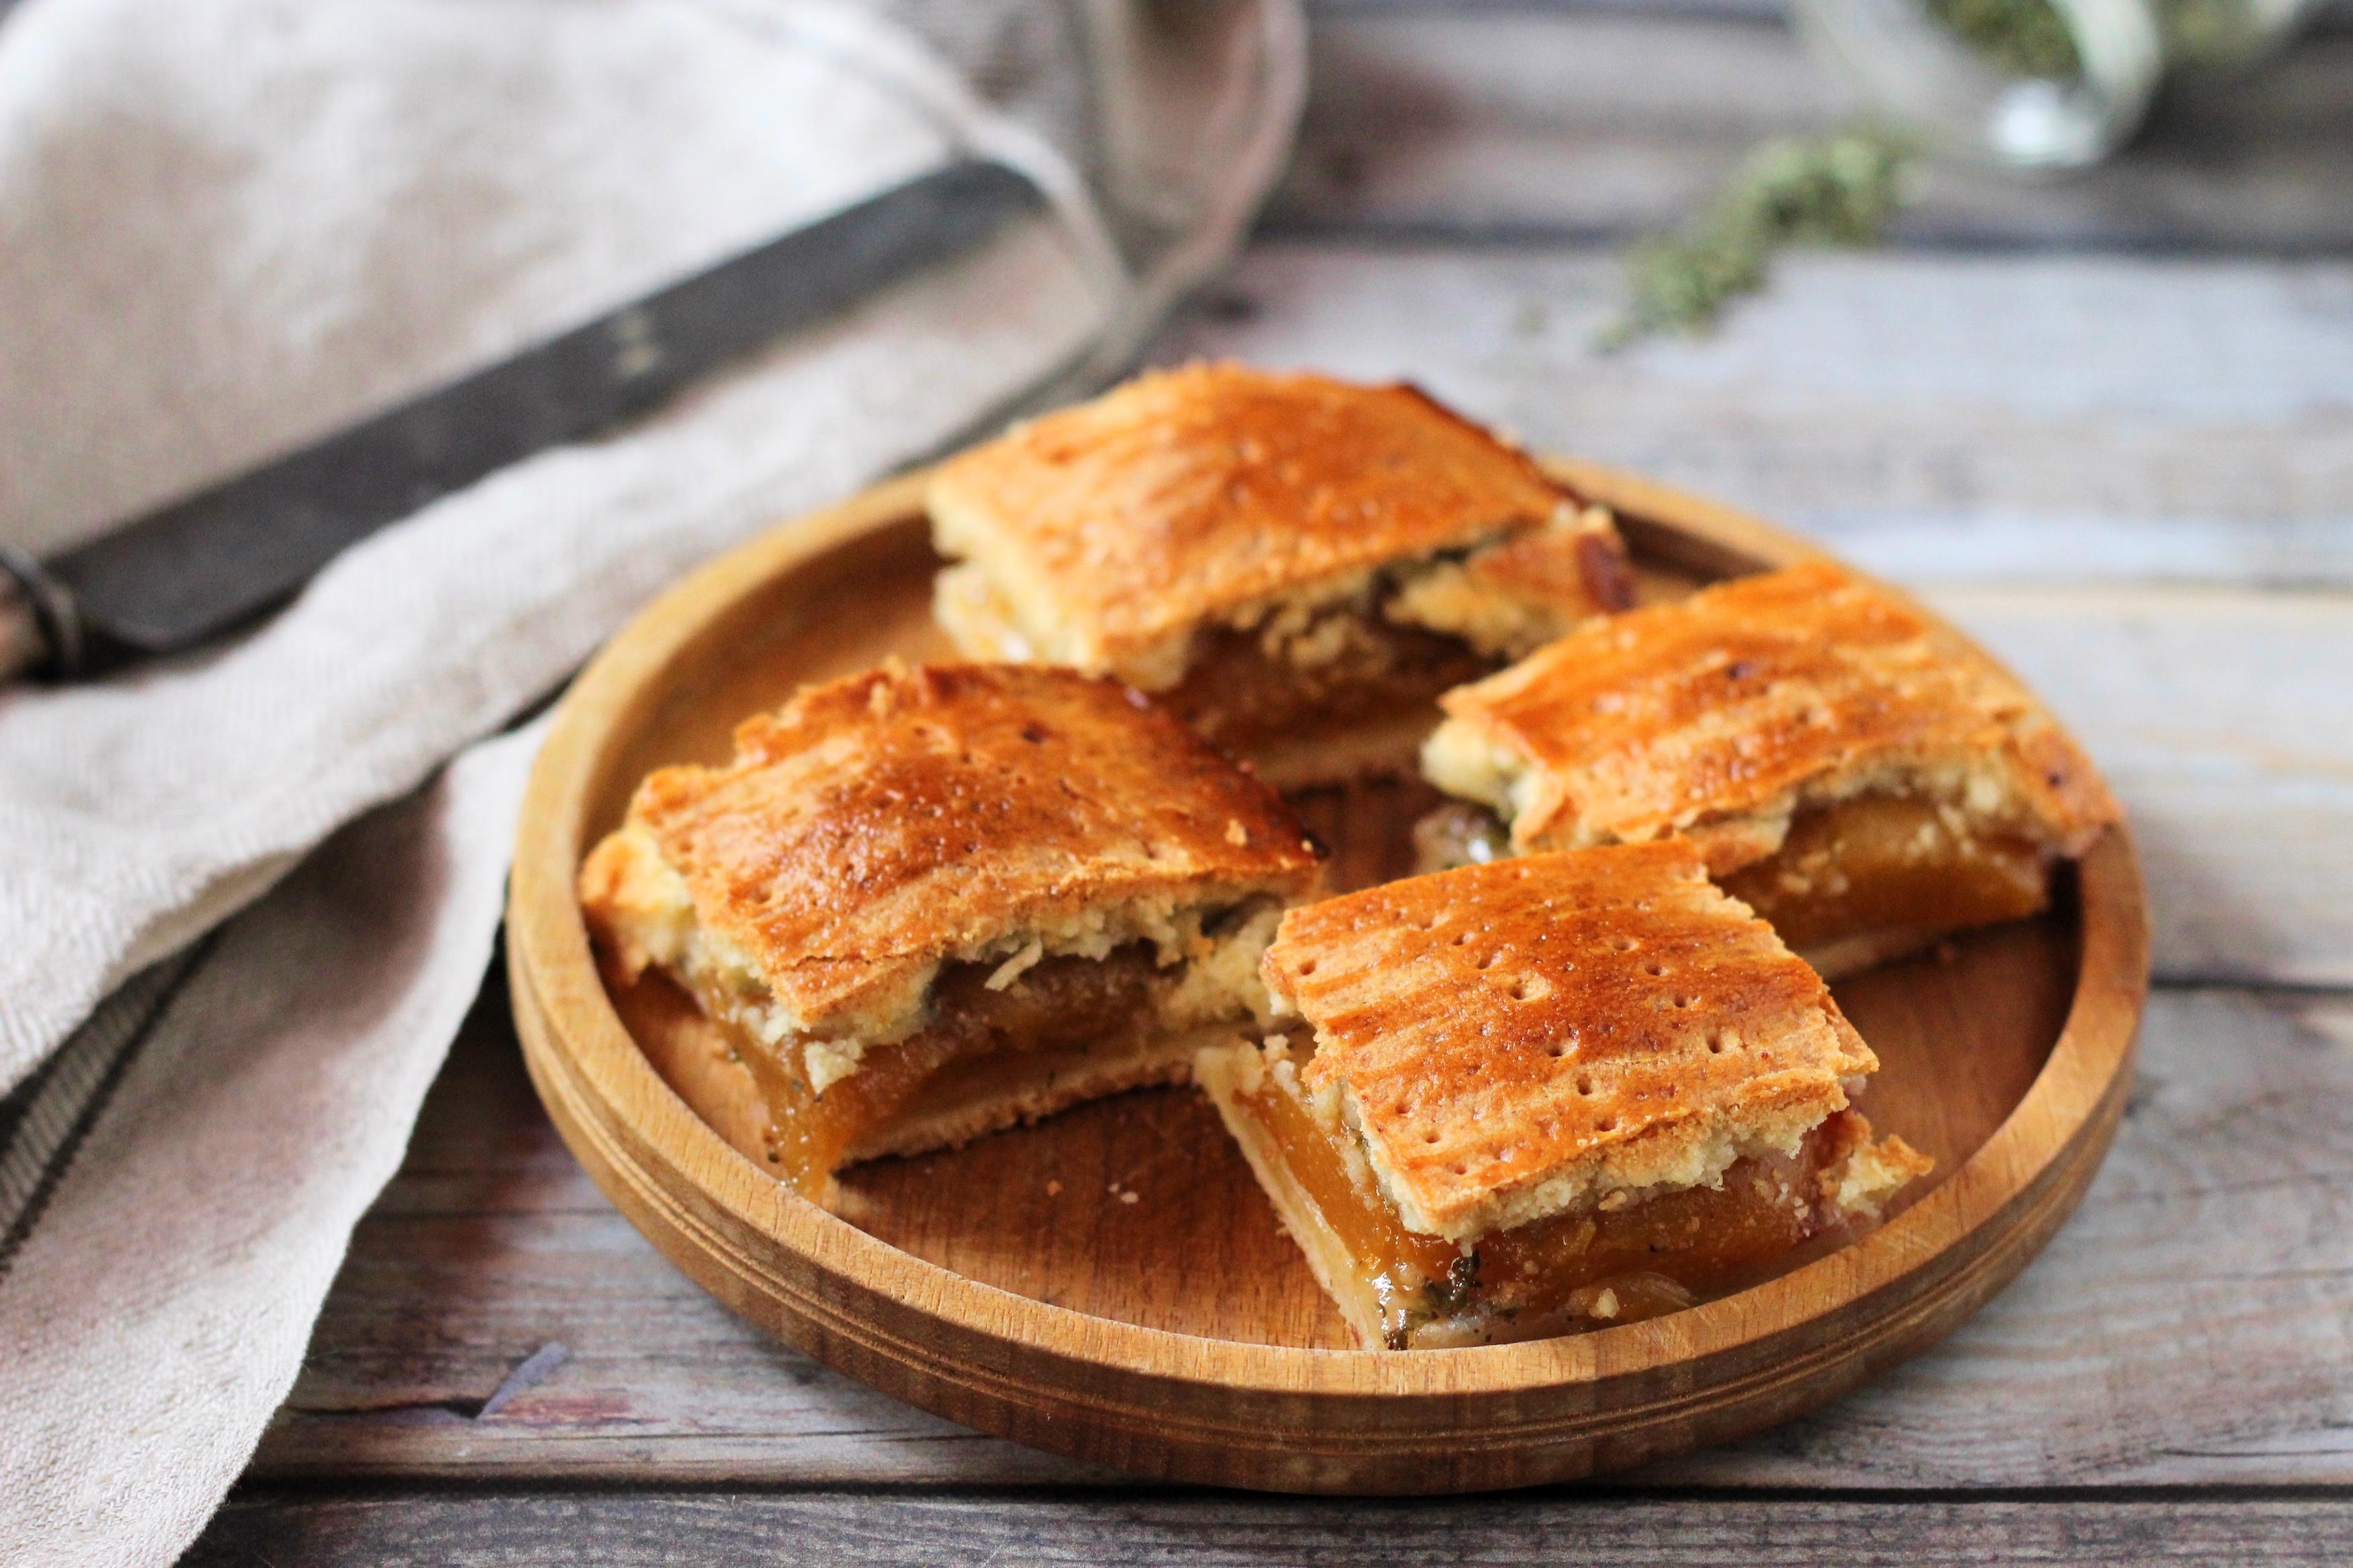 Őszibarackos-kakukkfüves pite - A markáns kakukkfű jól feldobja még a desszerteket is